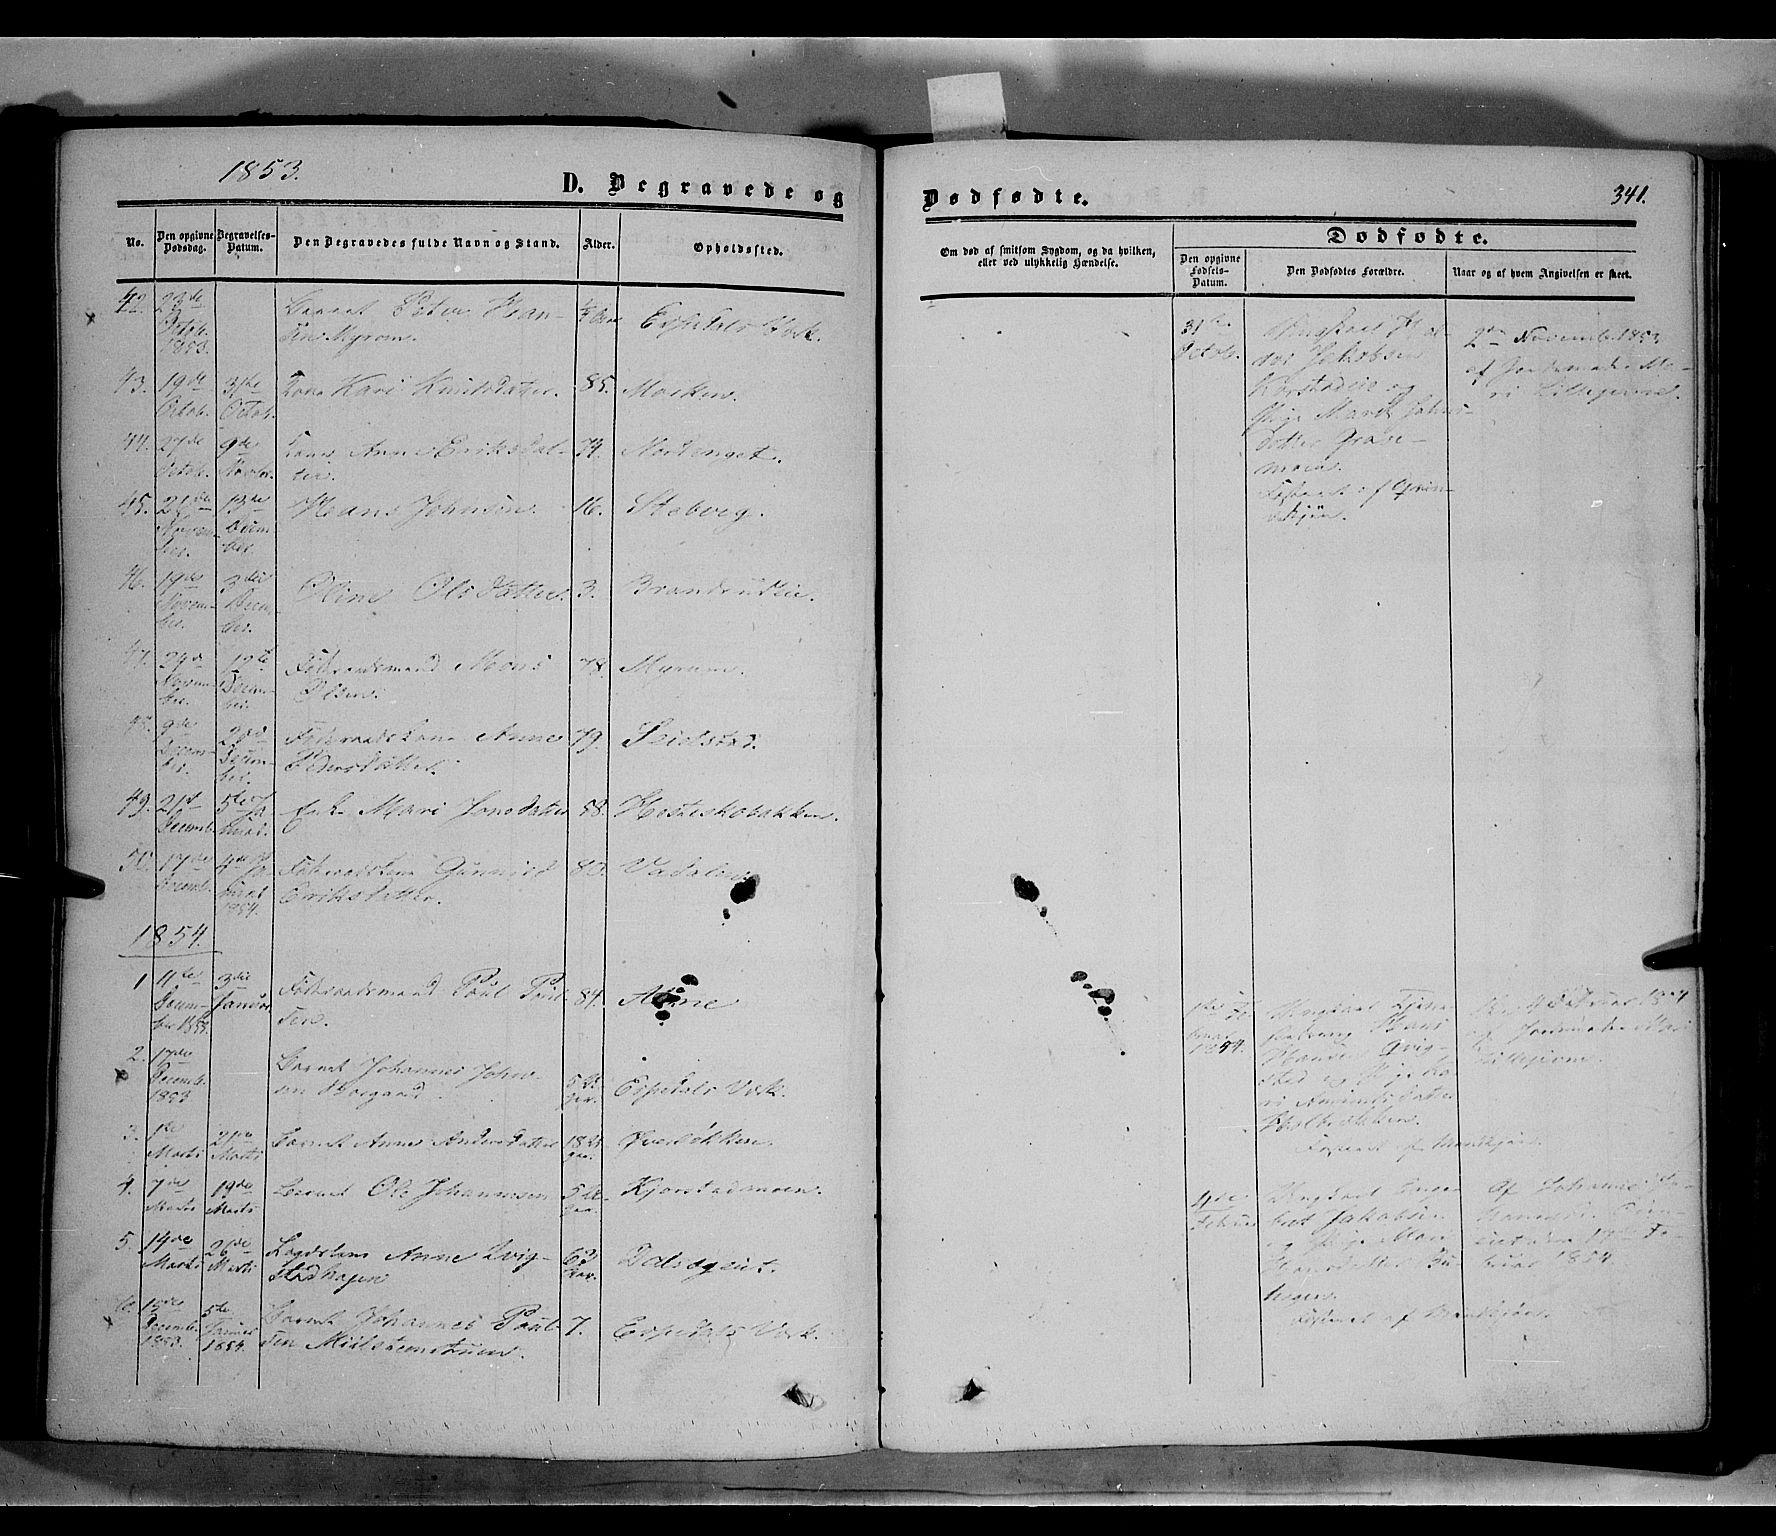 SAH, Sør-Fron prestekontor, H/Ha/Haa/L0001: Ministerialbok nr. 1, 1849-1863, s. 341